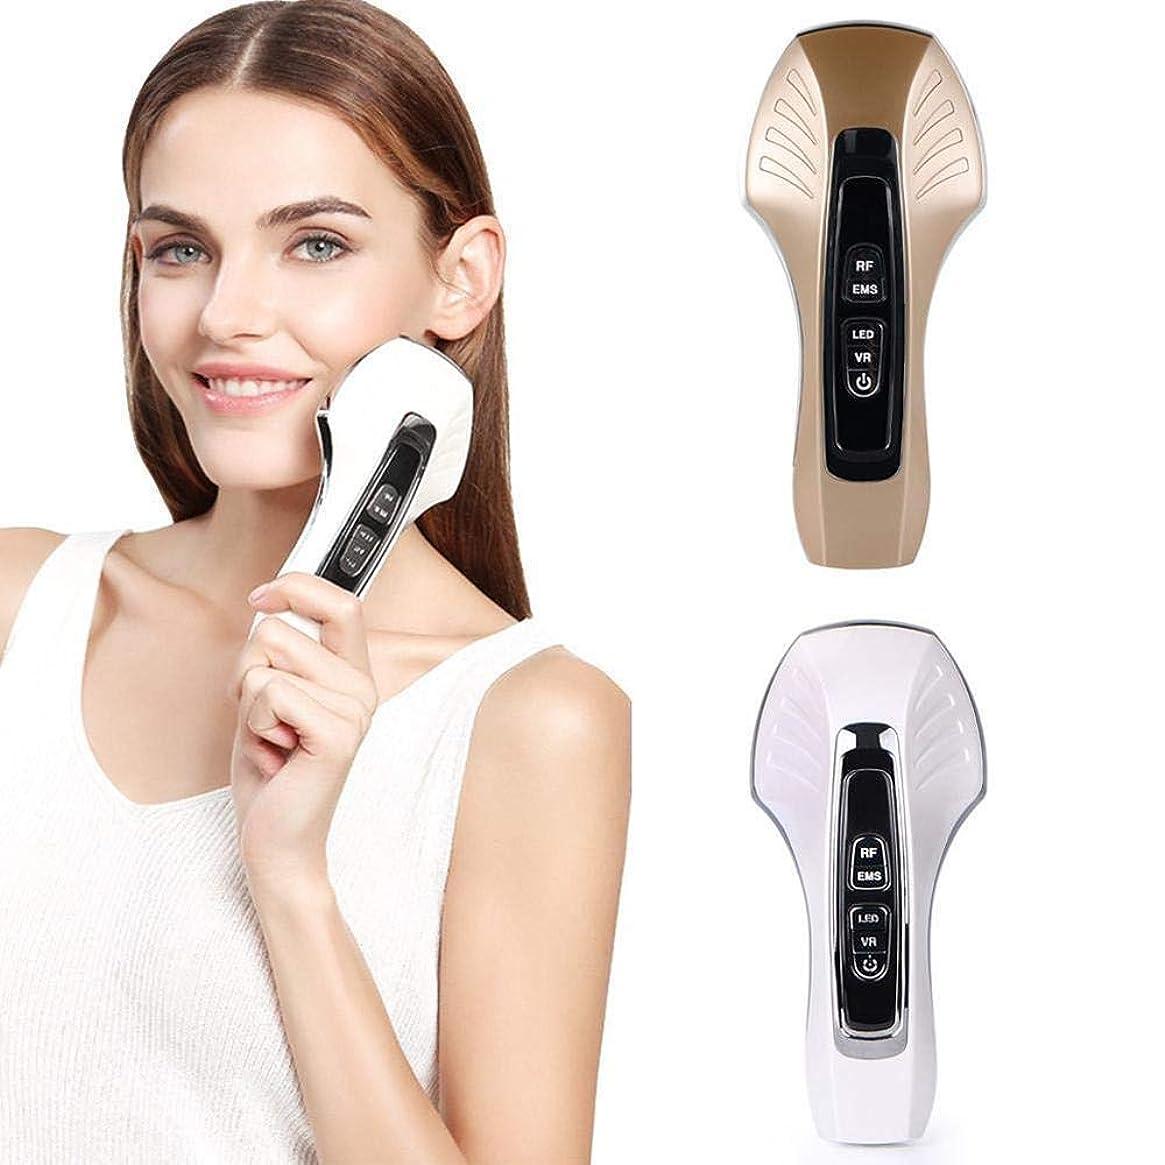 強調奇妙な恥ずかしいEMS微細電流フェイシャル振動マッサージ顔、顔の薄い顔RF無線周波数美容器具ホワイトニング及び若返りマッサージと顔リフティング